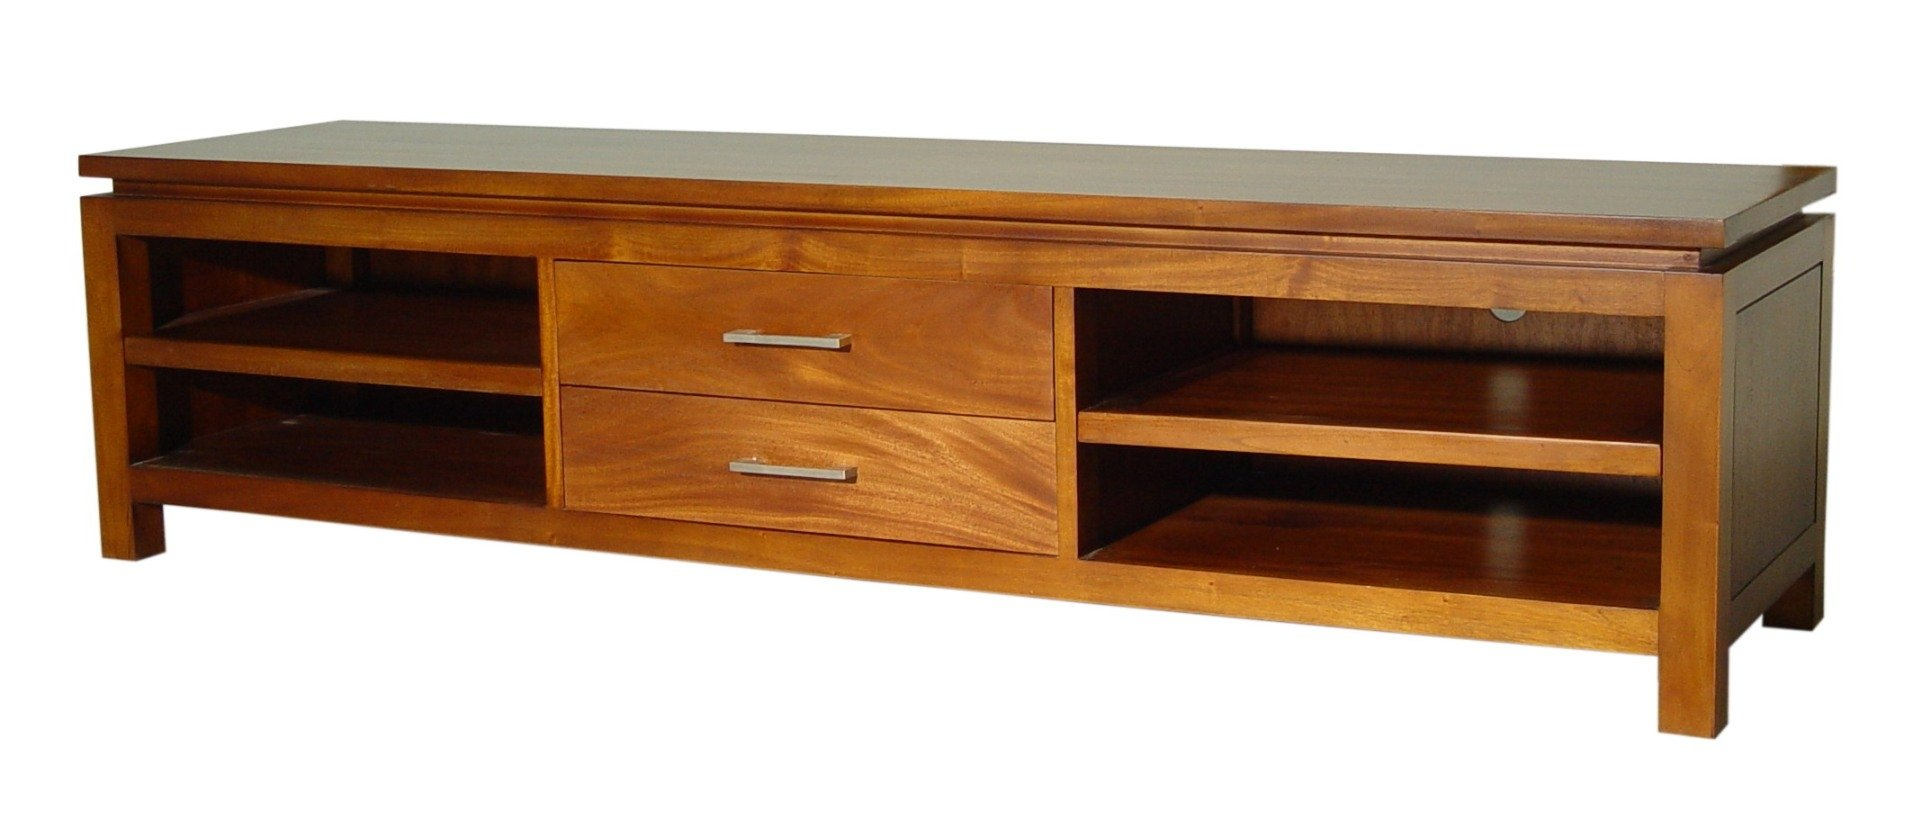 Tv stand 2 cajones de lados planos armarios de madera for Muebles en fibrofacil planos